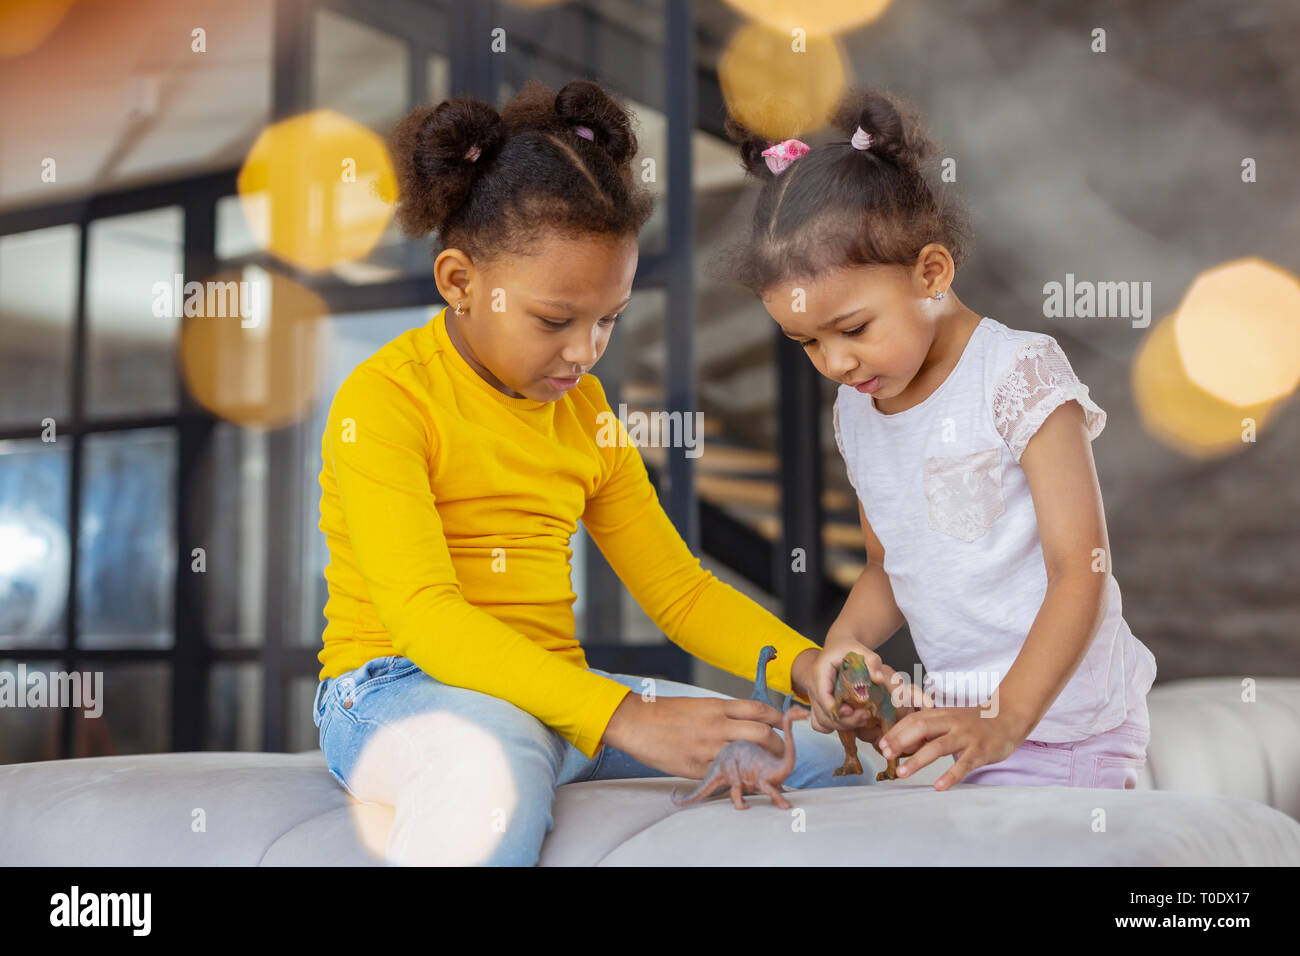 Concentra Niños jugando junto con animales artificiales Foto de stock